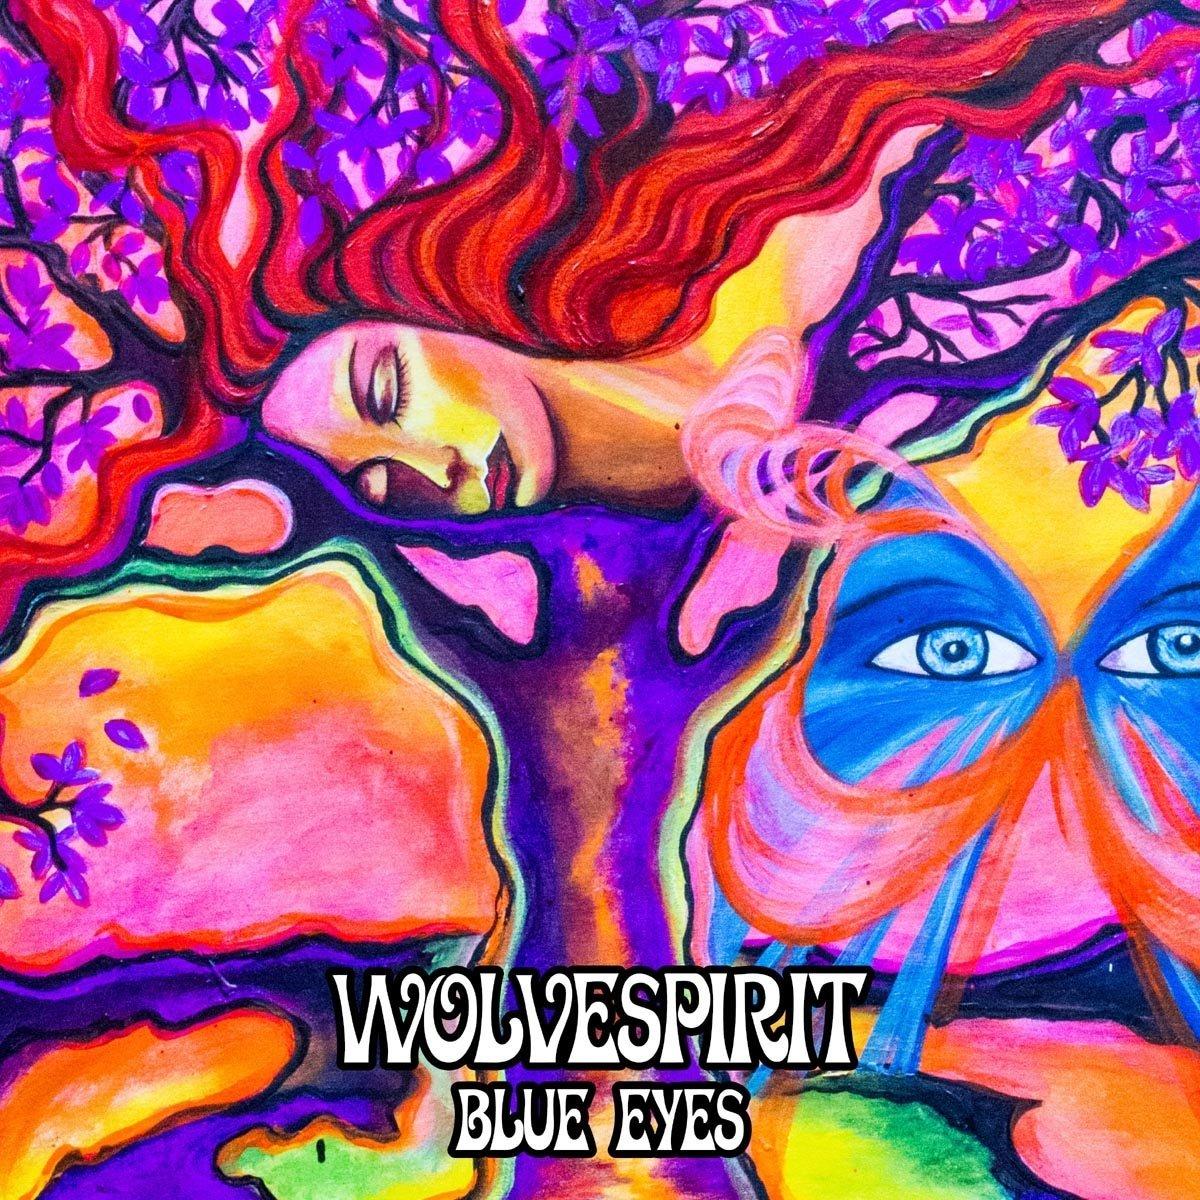 Wolvespirit - Blue Eyes (2017) [FLAC] Download